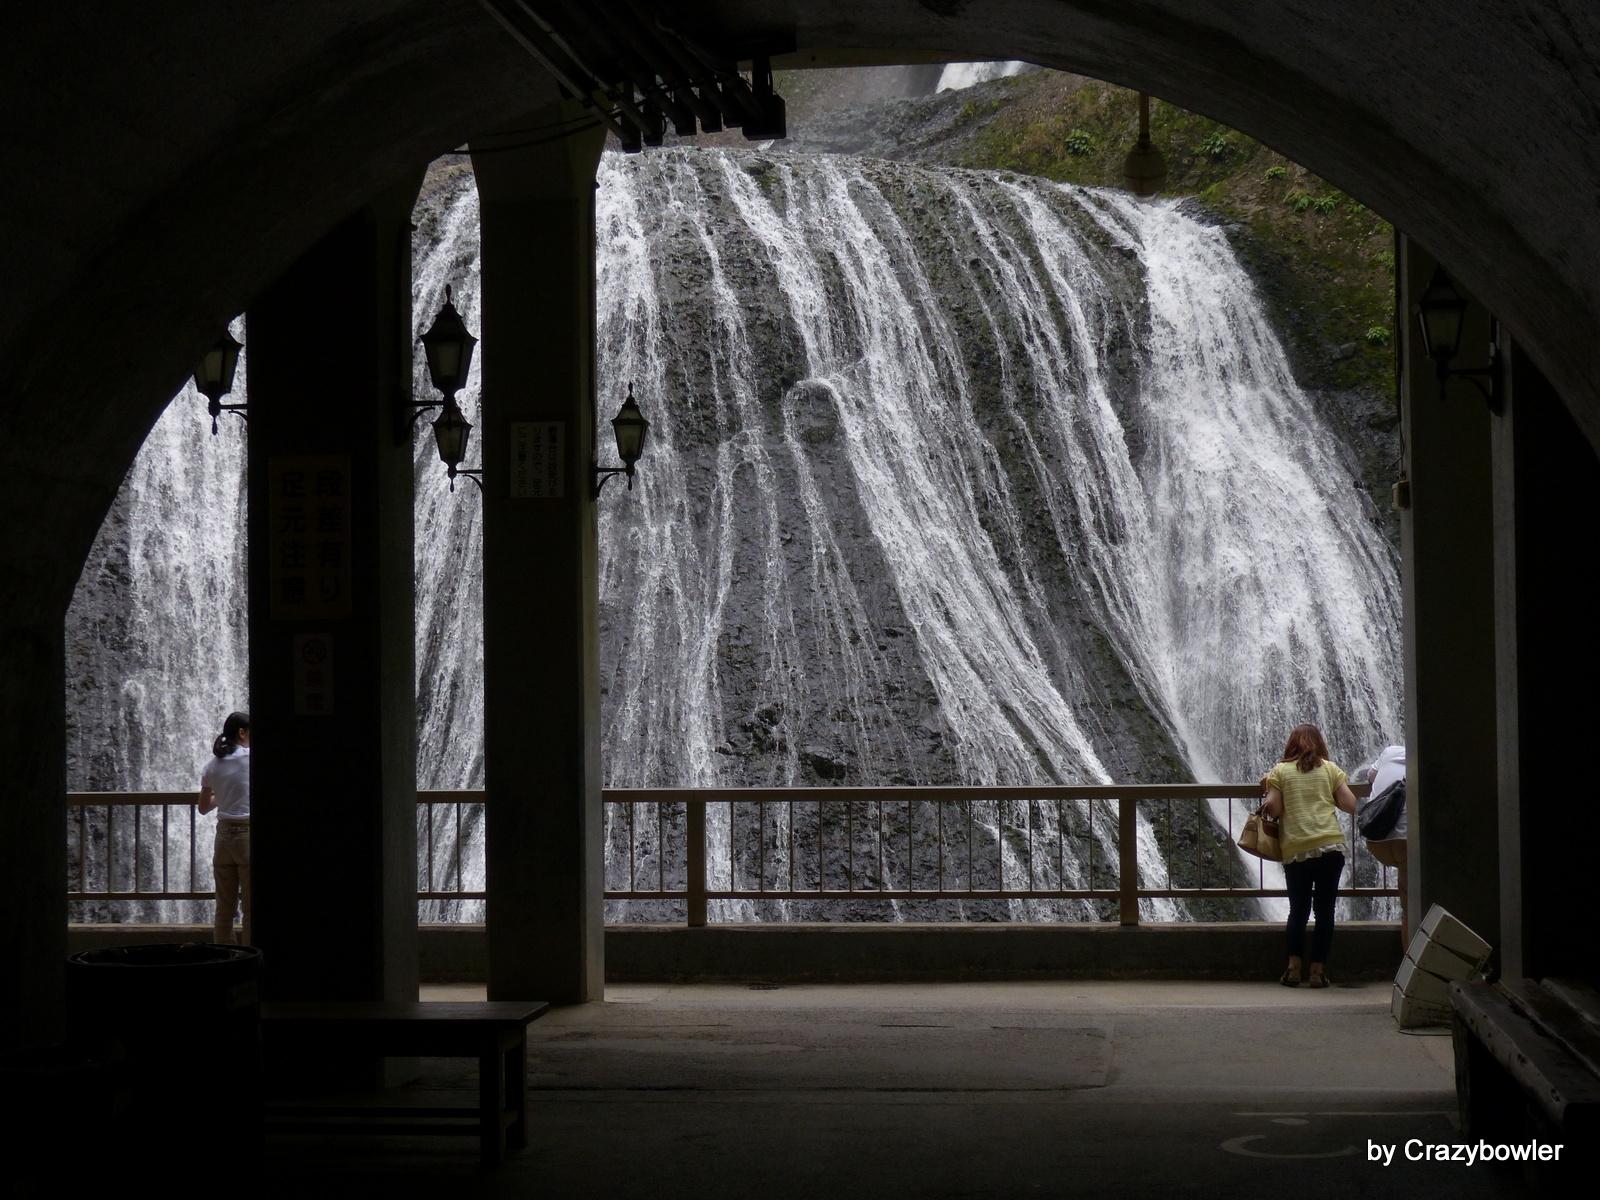 袋田の滝(第一観瀑台の入り口から)